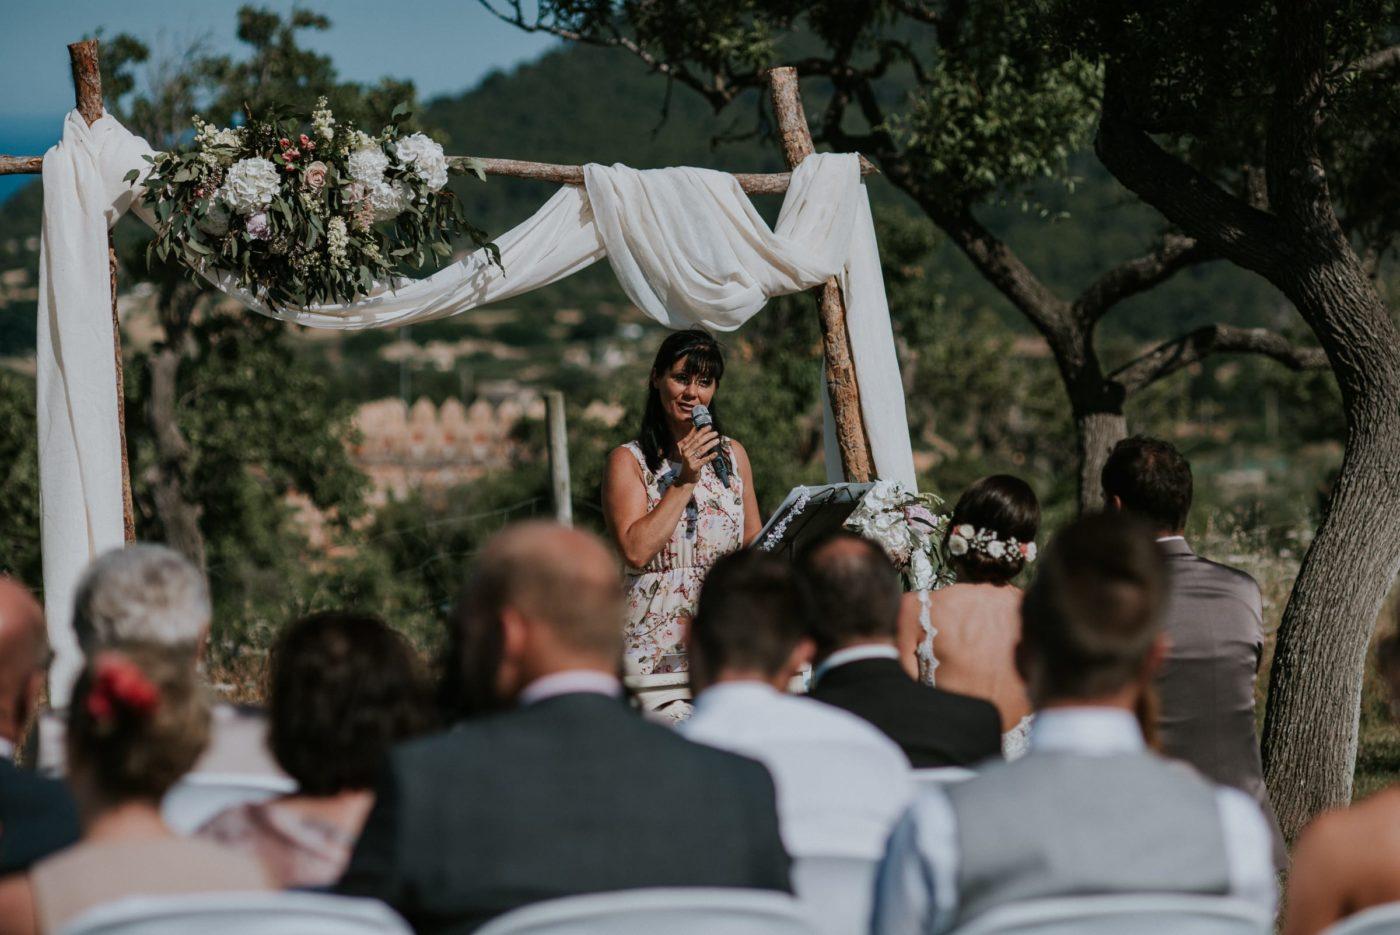 Momentaufnahme von mir und der Zeremonie während ich die Hochzeitsrede halte.